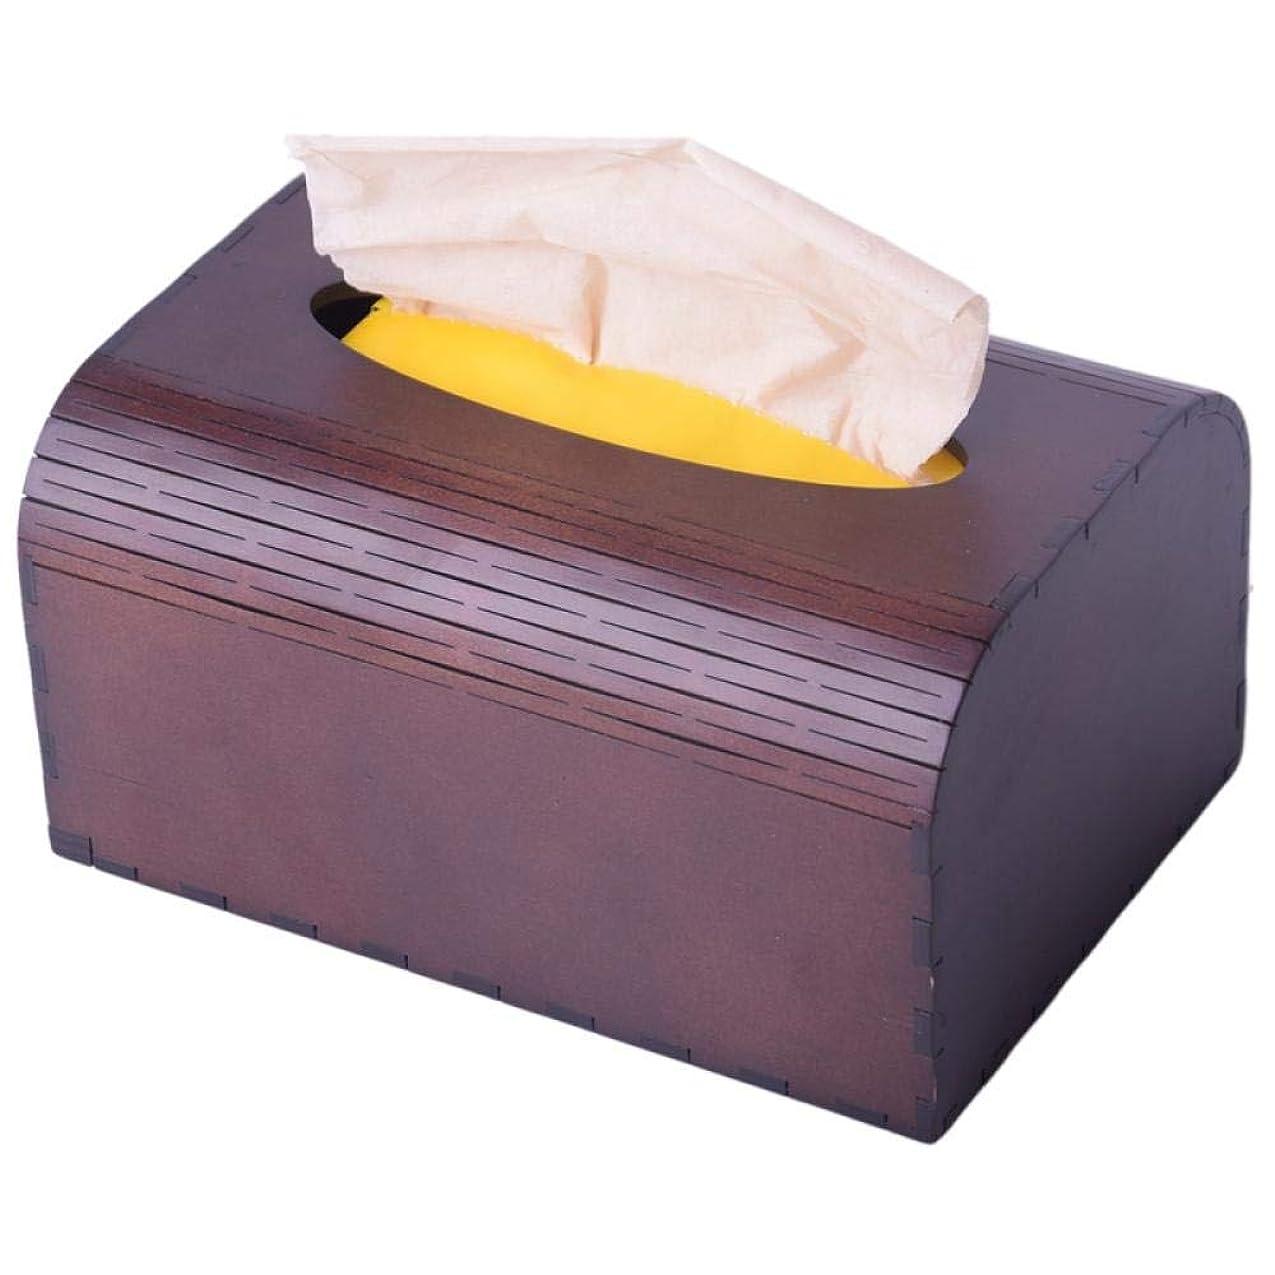 トリッキー弱まる大理石YASE-king ティッシュボックスティッシュボックスストレージボックスティッシュホルダークリエイティブ木製ティッシュボックスベッドルームリビングルームバスルームキッチントレイ